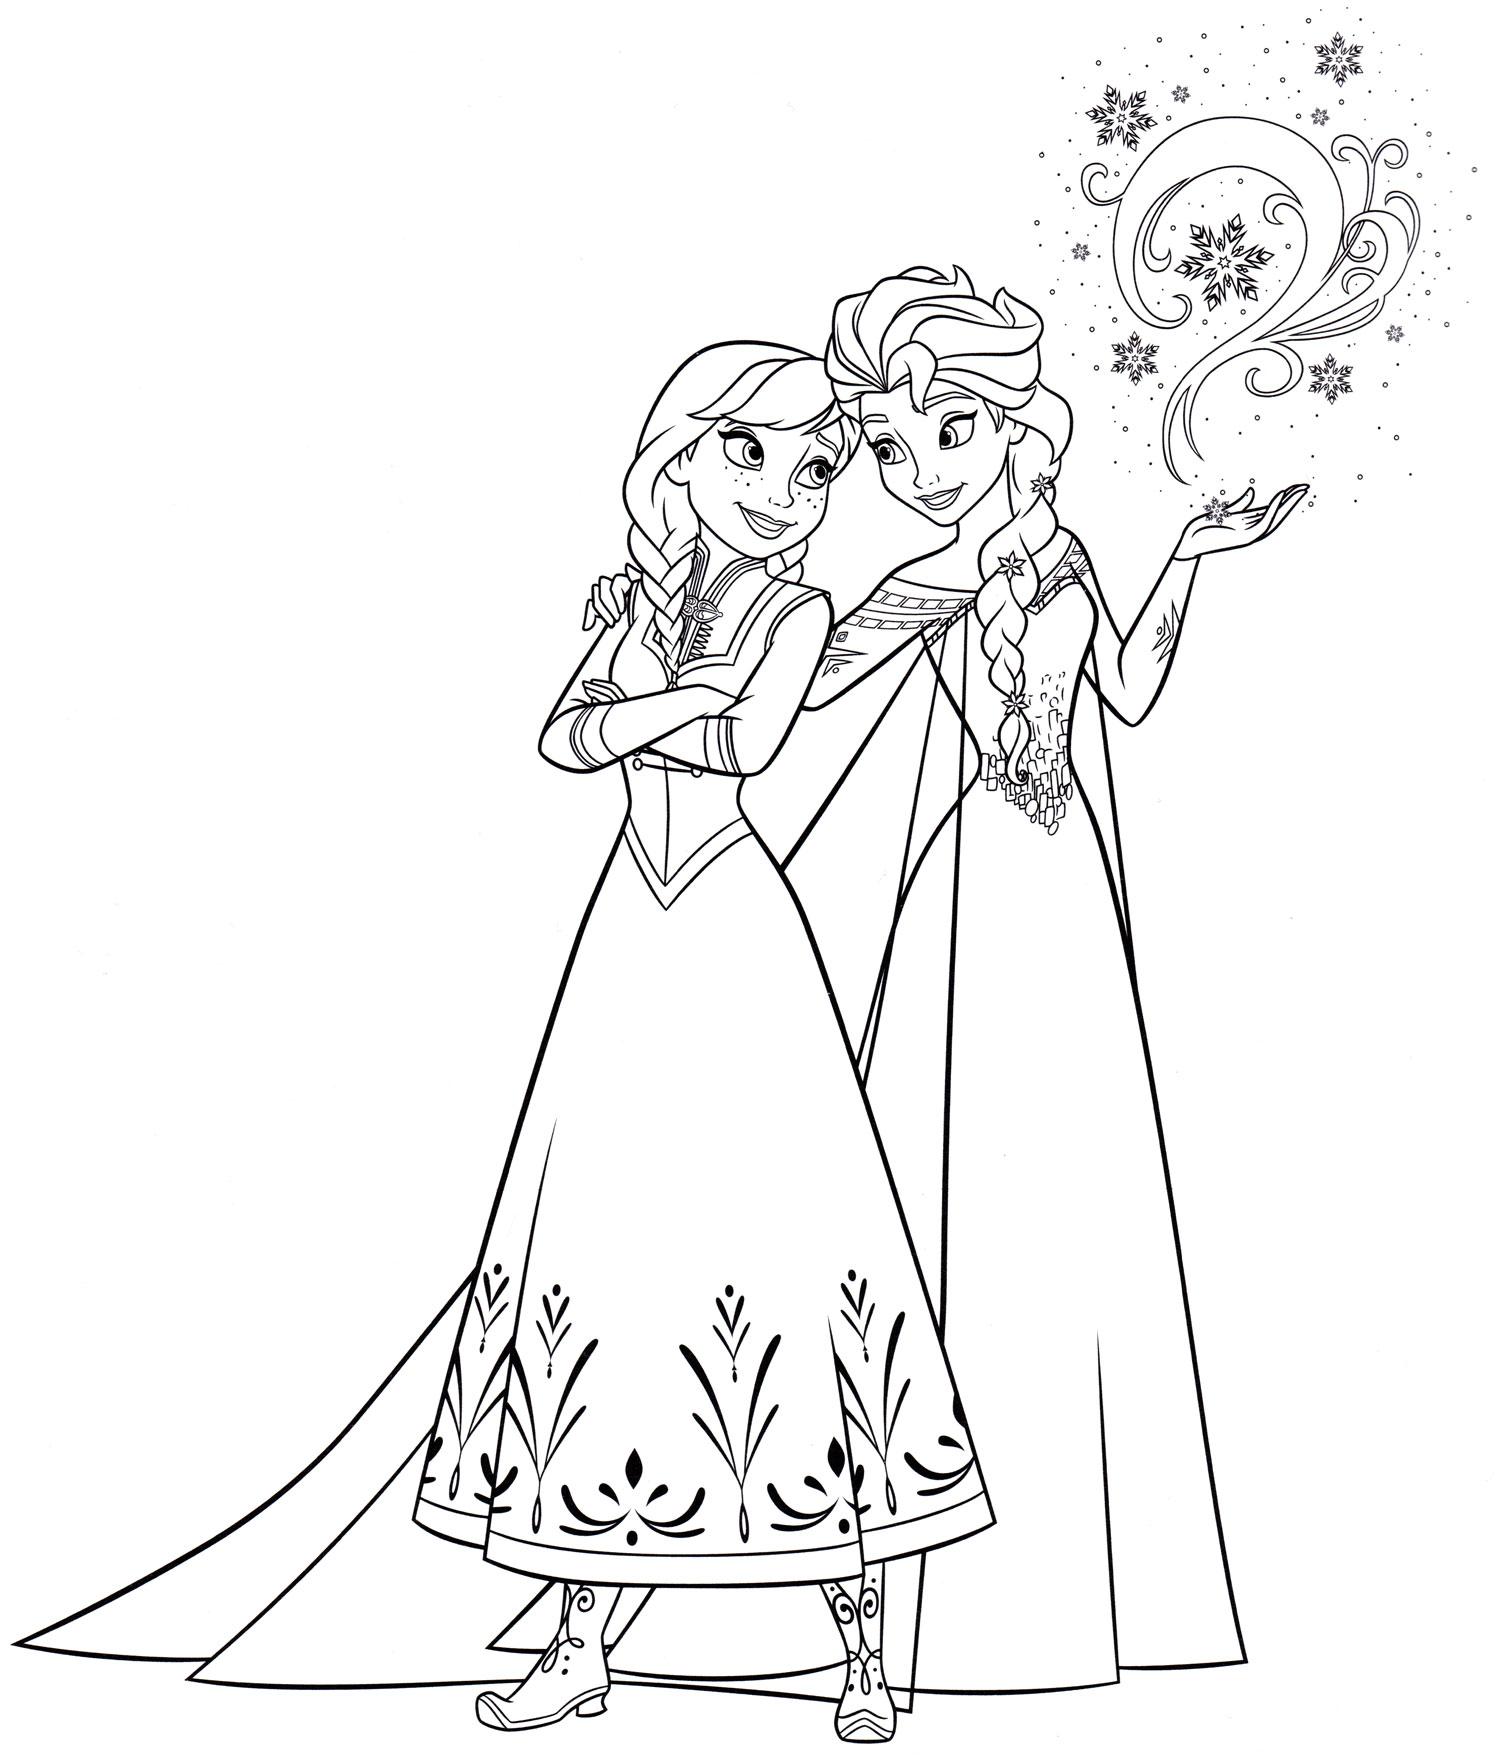 Раскраска Анна и Эльза | Раскраски Холодное сердце